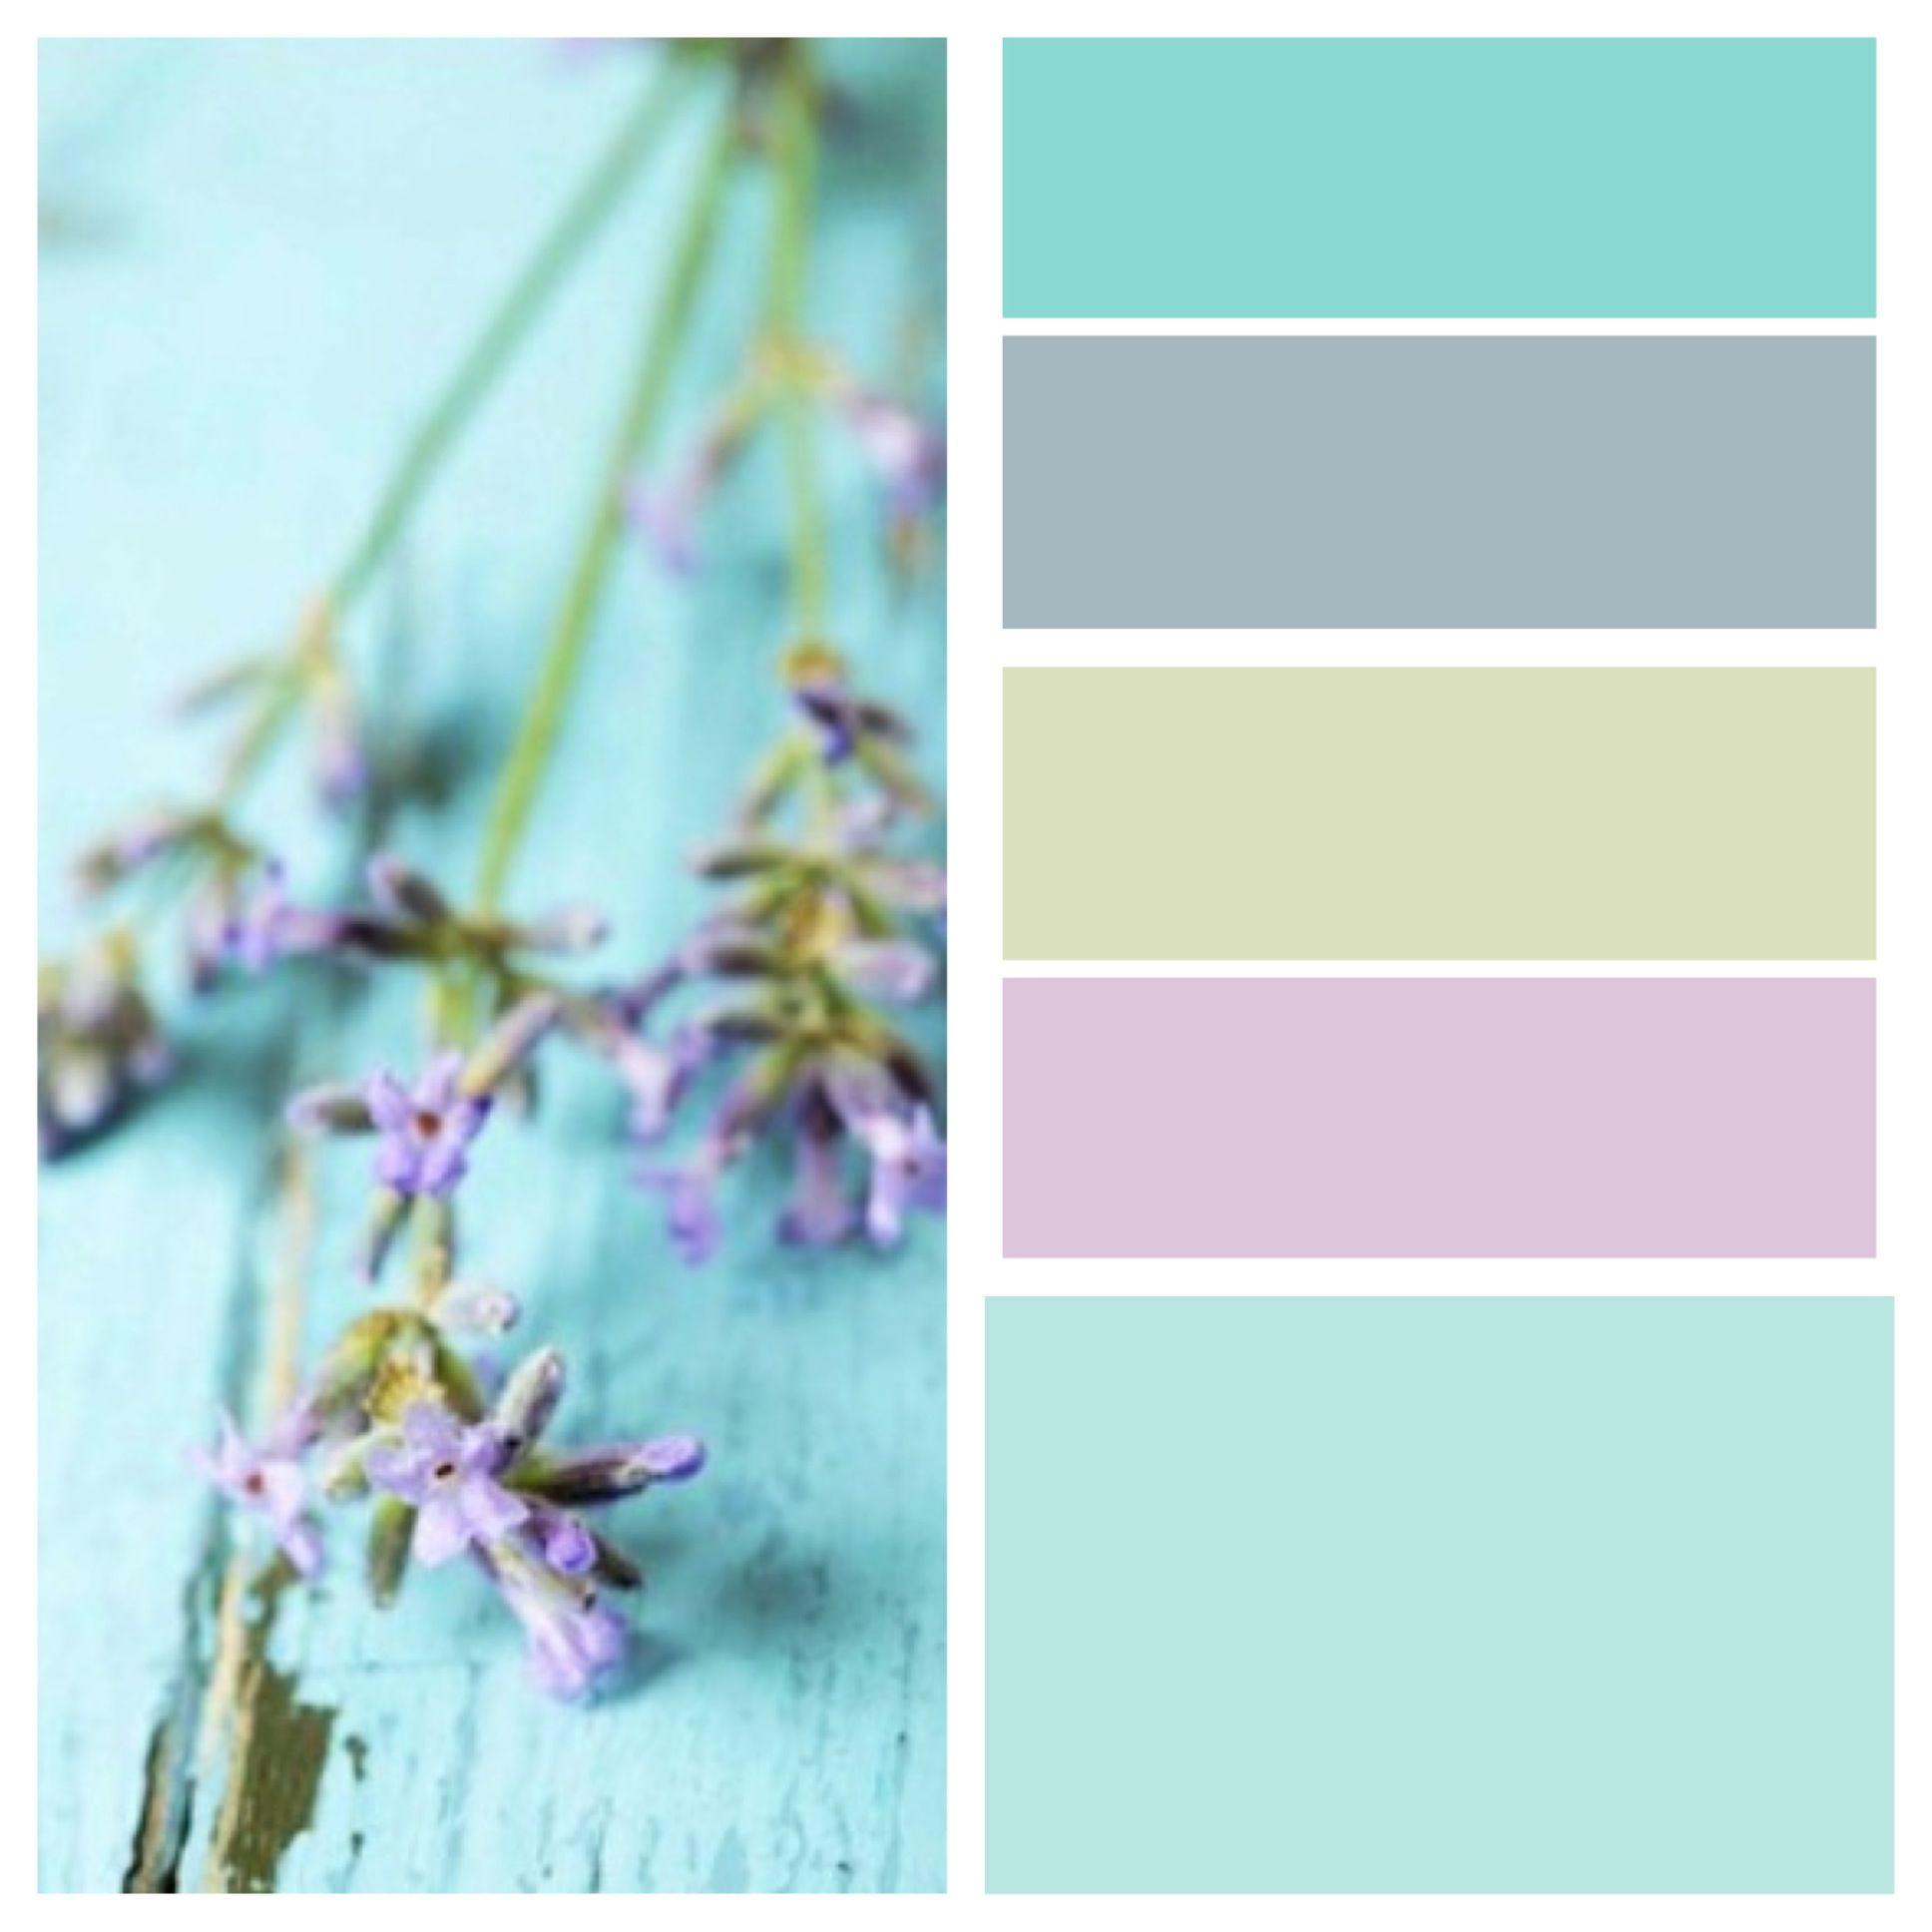 первое мятный цвет сочетание с другими цветами в интерьере верхняя одежда